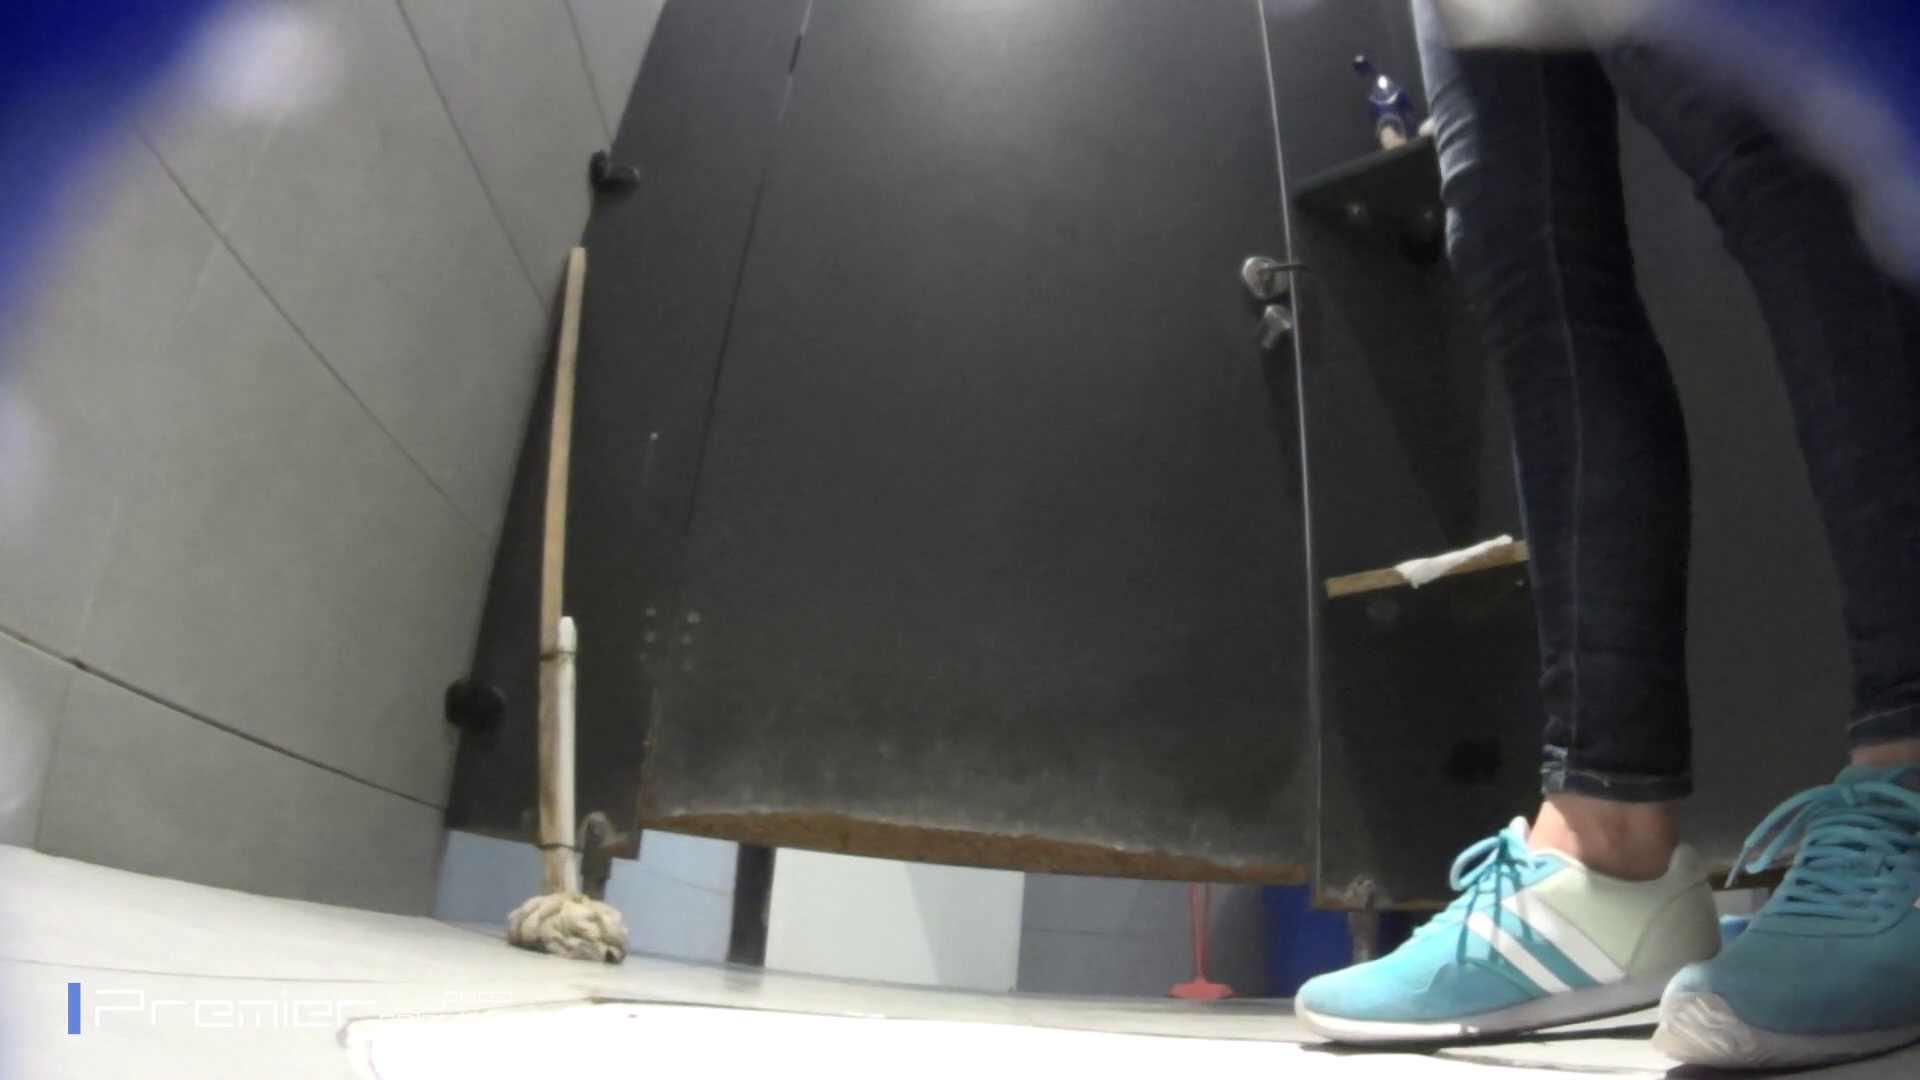 ゆっくりと大に勤しむ乙女 大学休憩時間の洗面所事情84 美女 すけべAV動画紹介 43連発 14